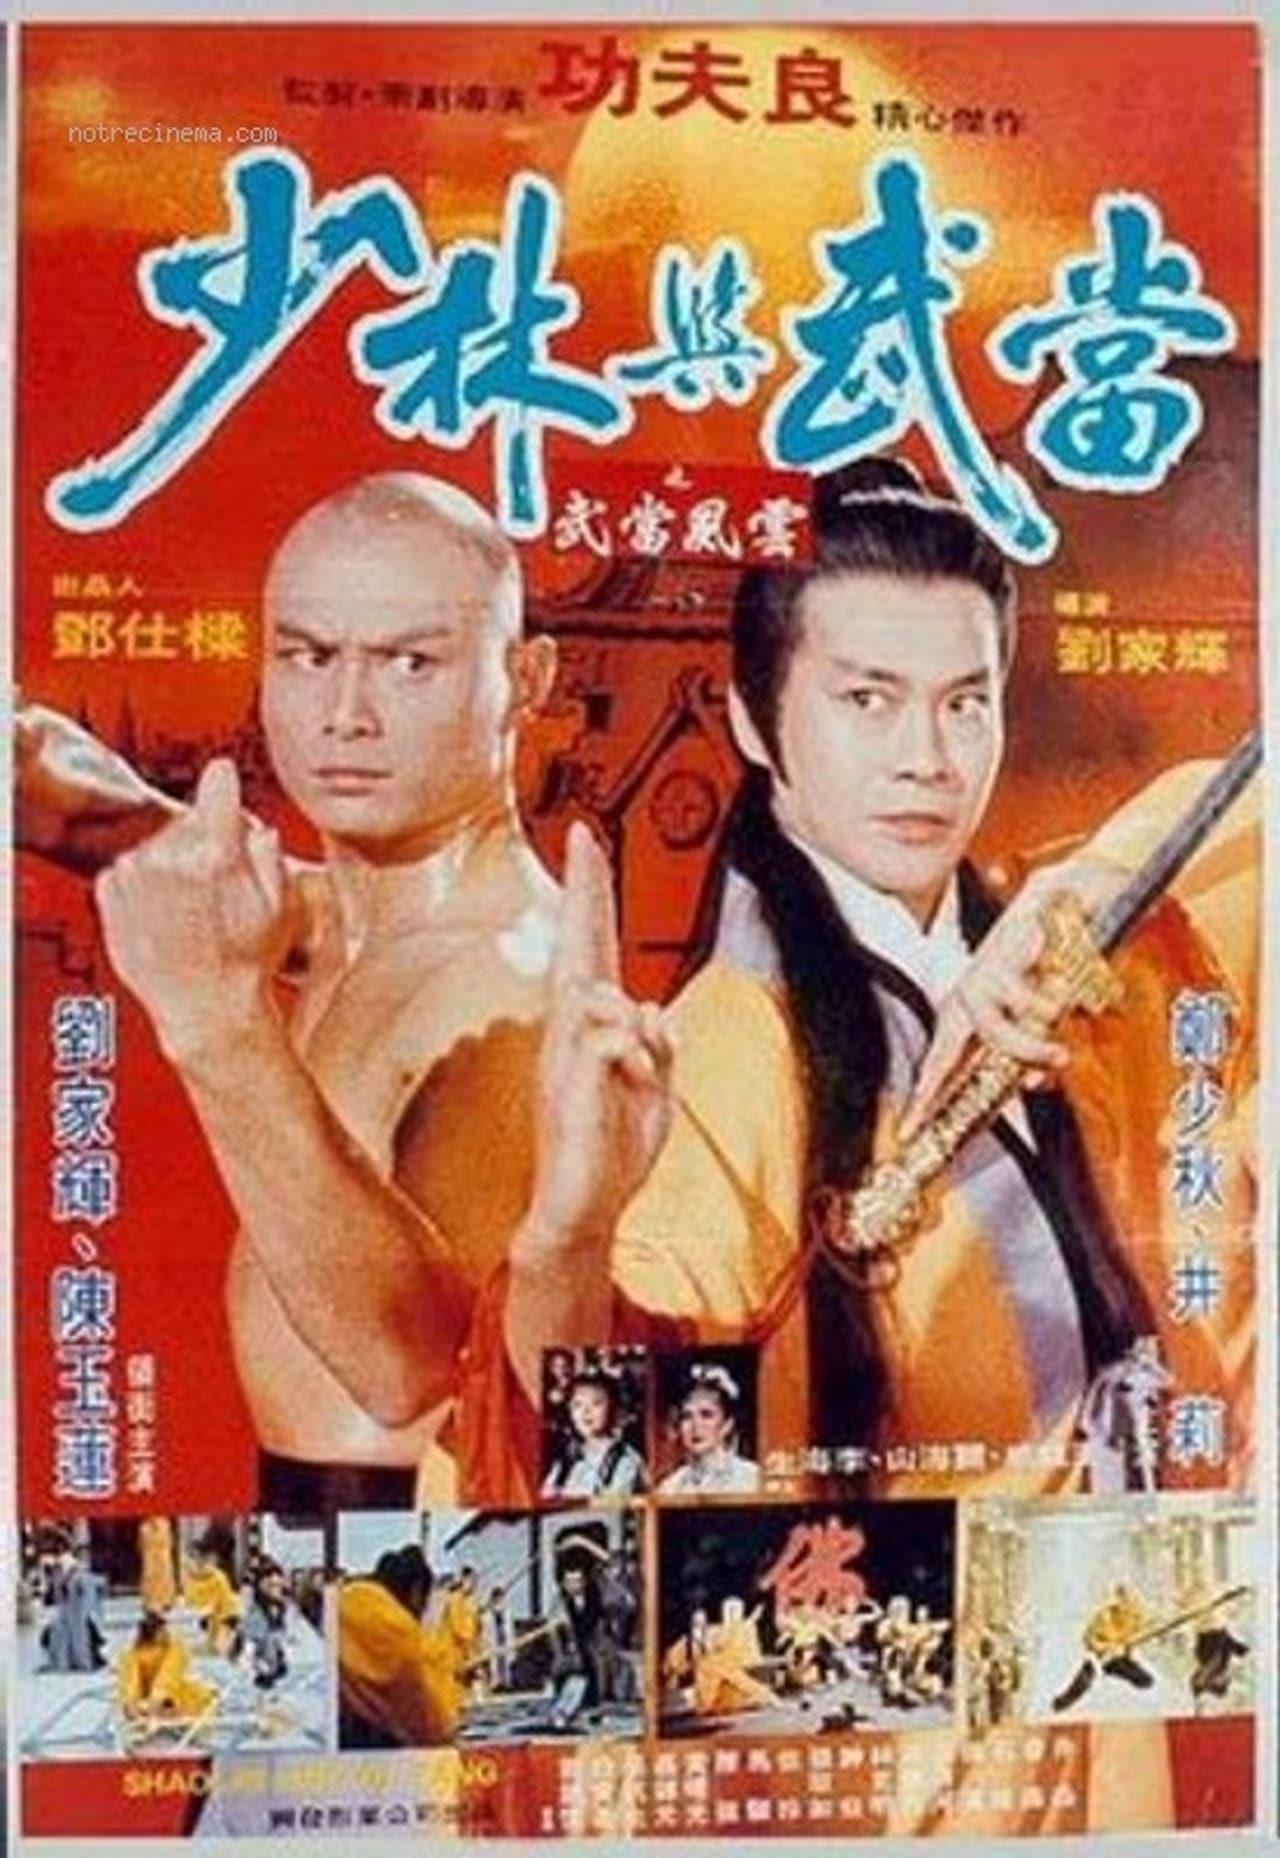 Shaolin & Wu Tang